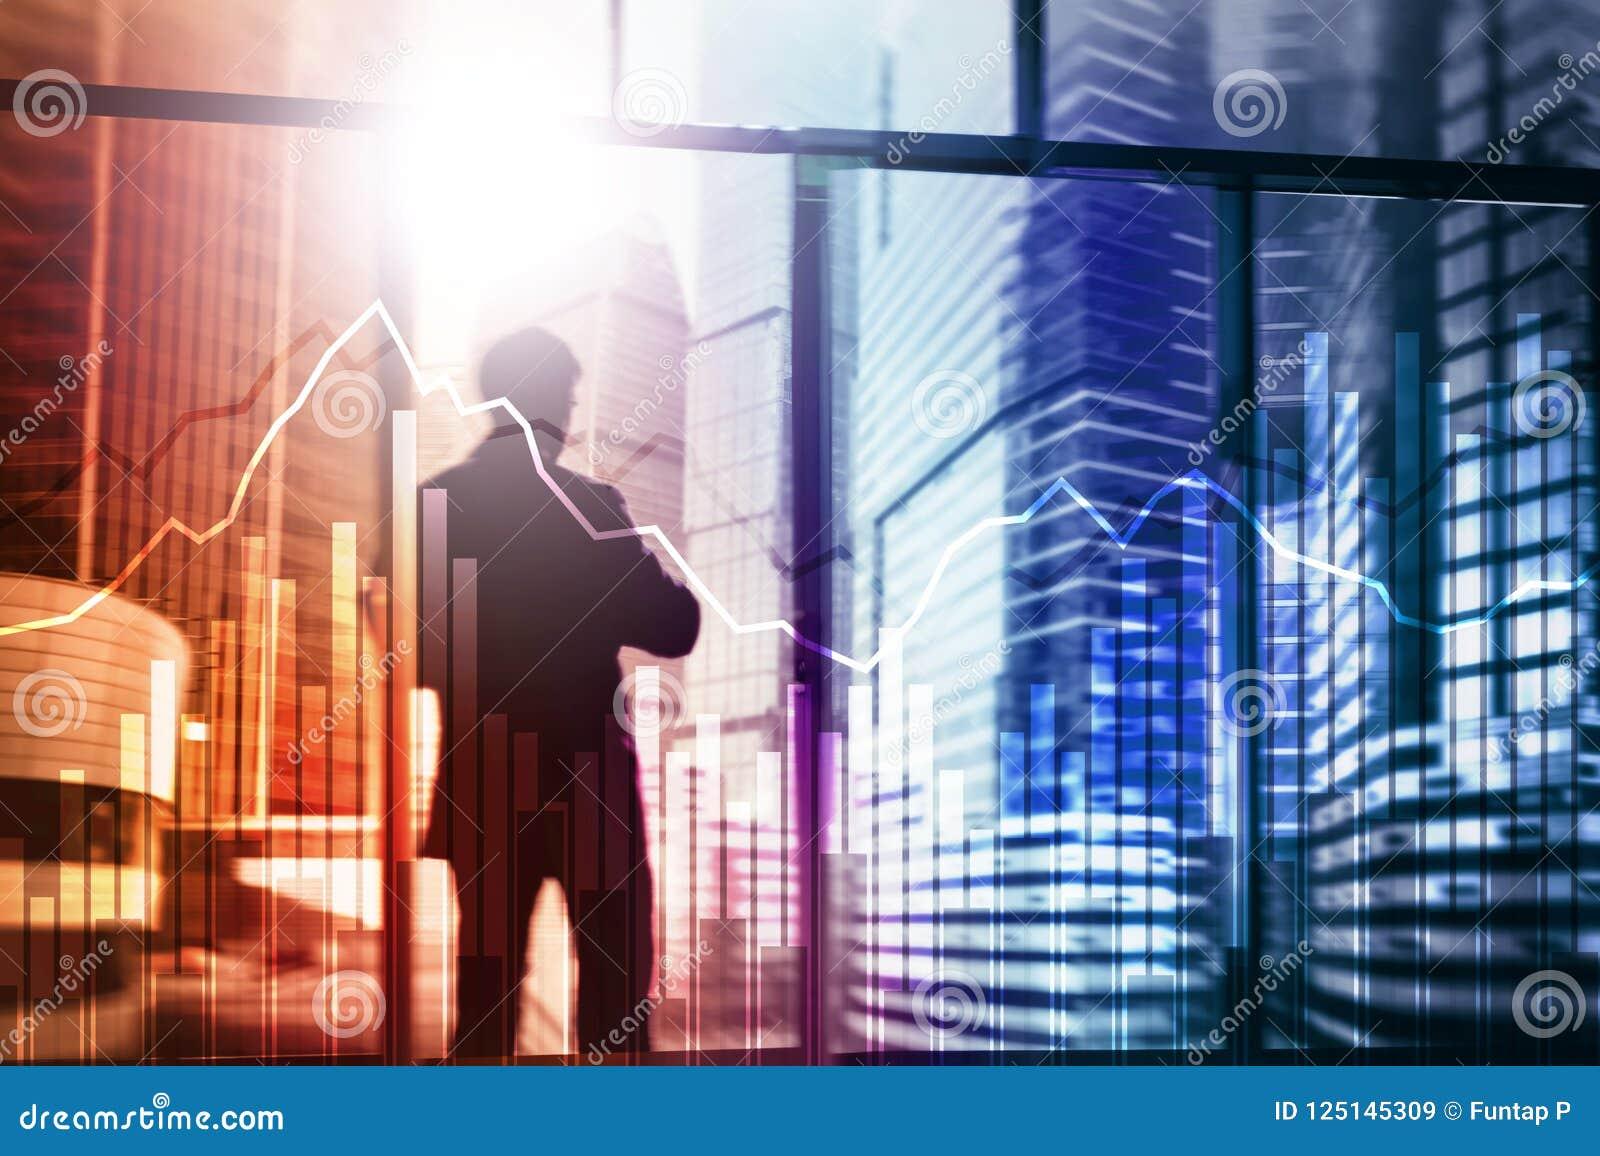 在被弄脏的背景的企业和财务图表 贸易、投资和经济概念